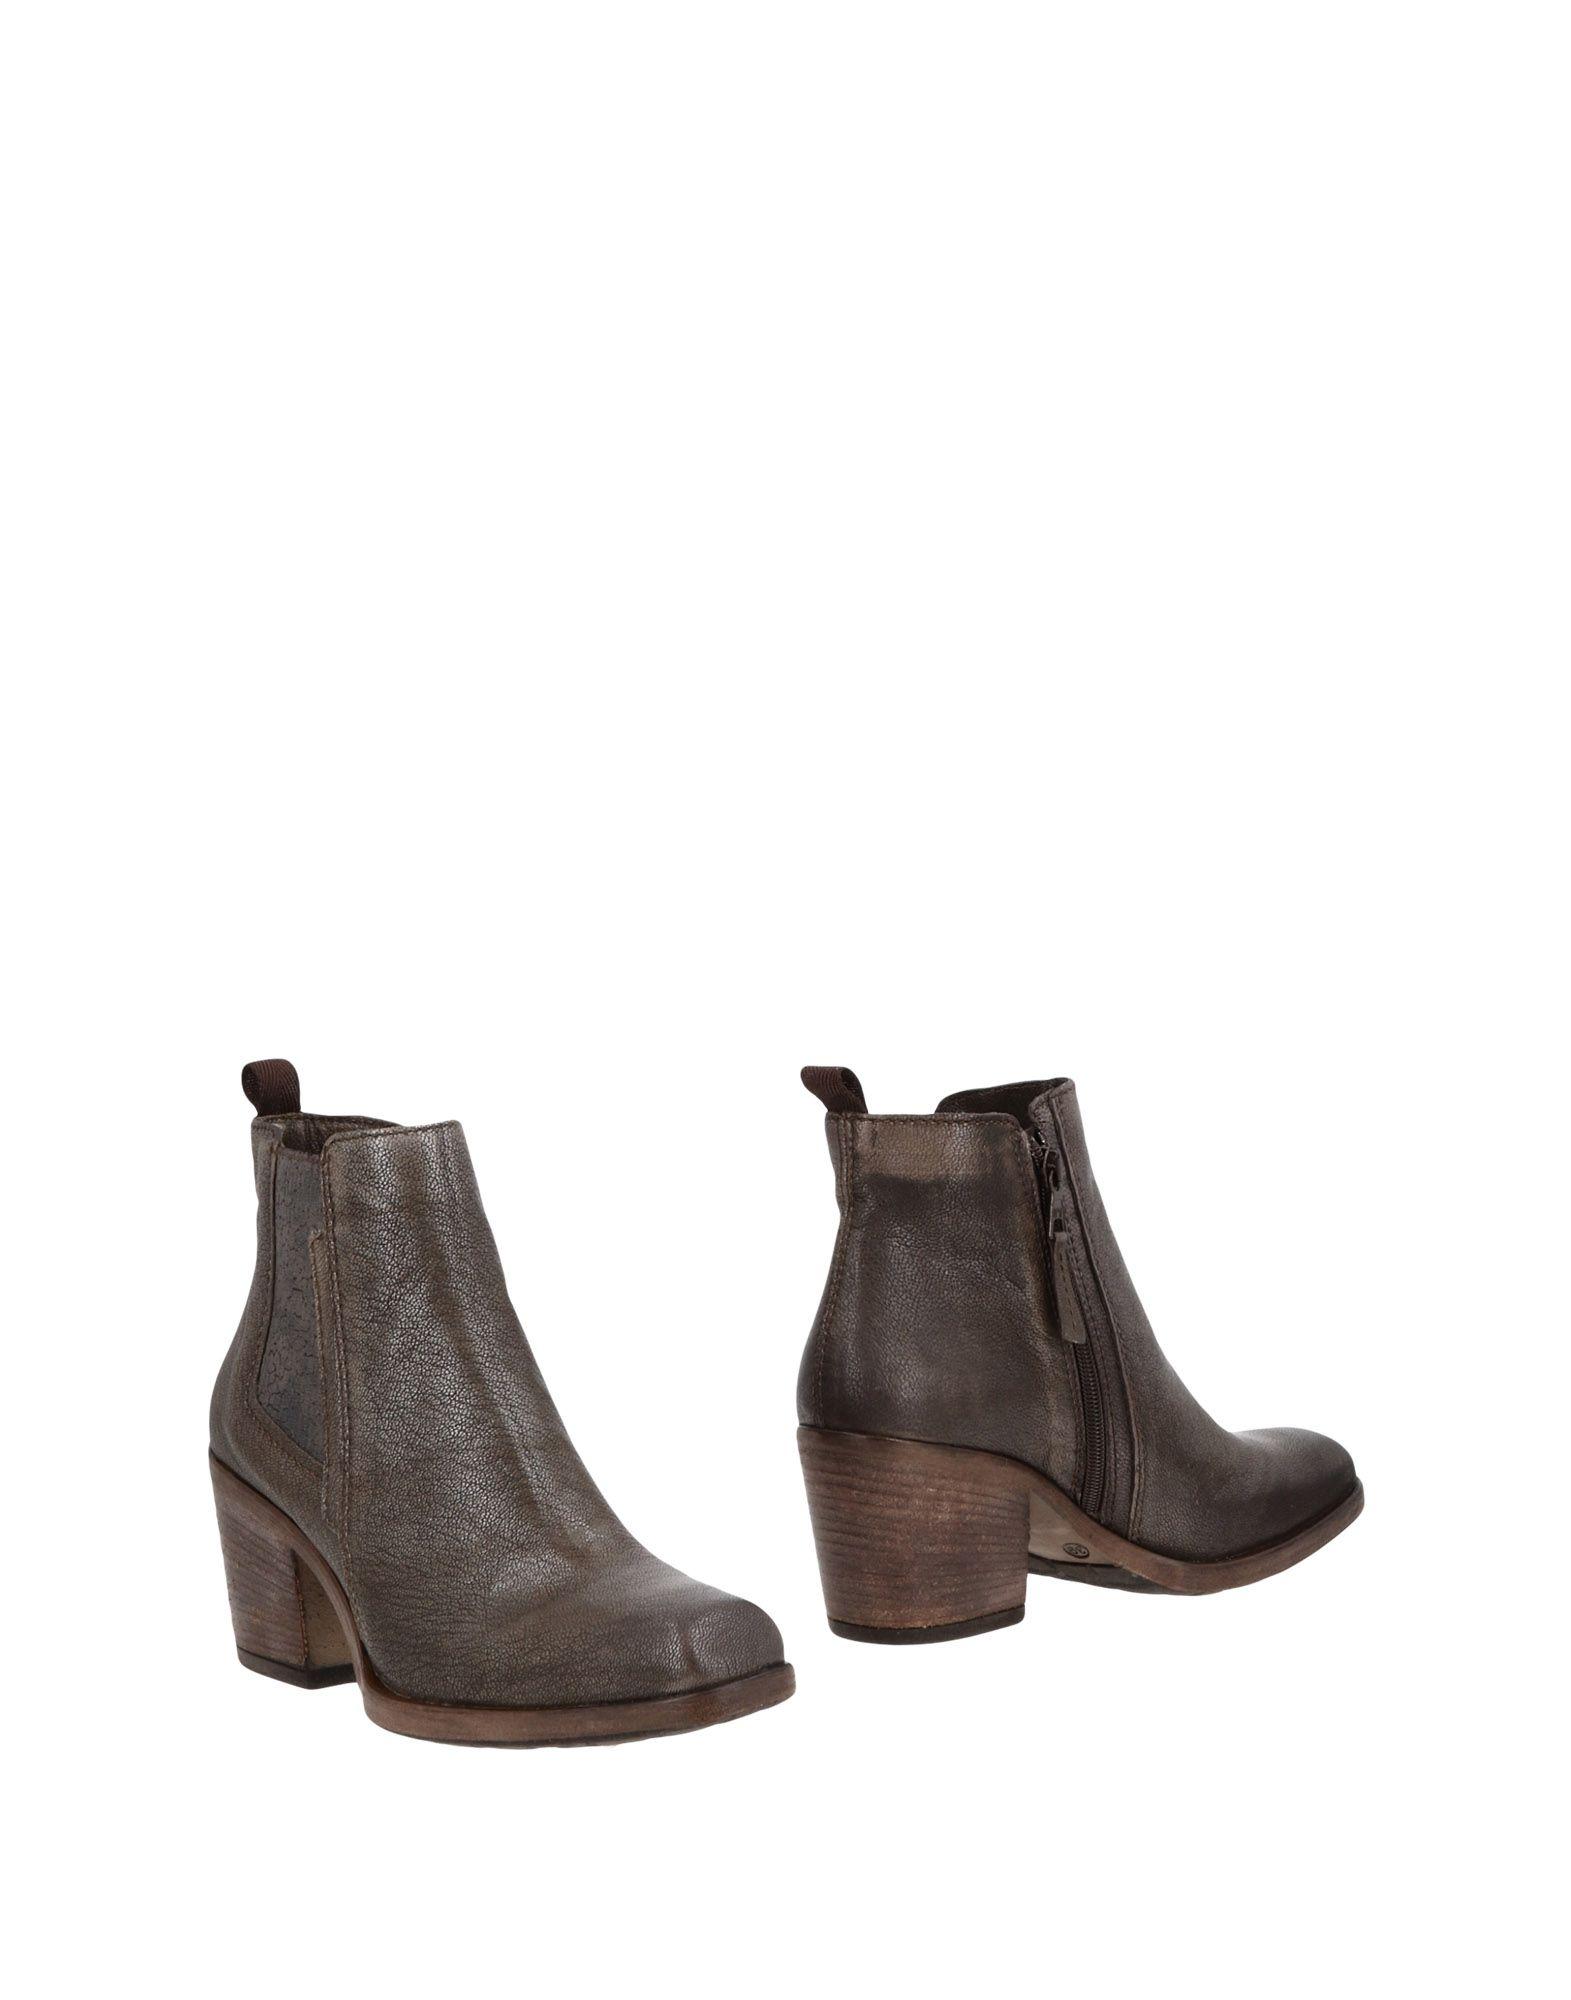 Mjus Stiefelette Damen  11485637DA Gute Qualität beliebte Schuhe